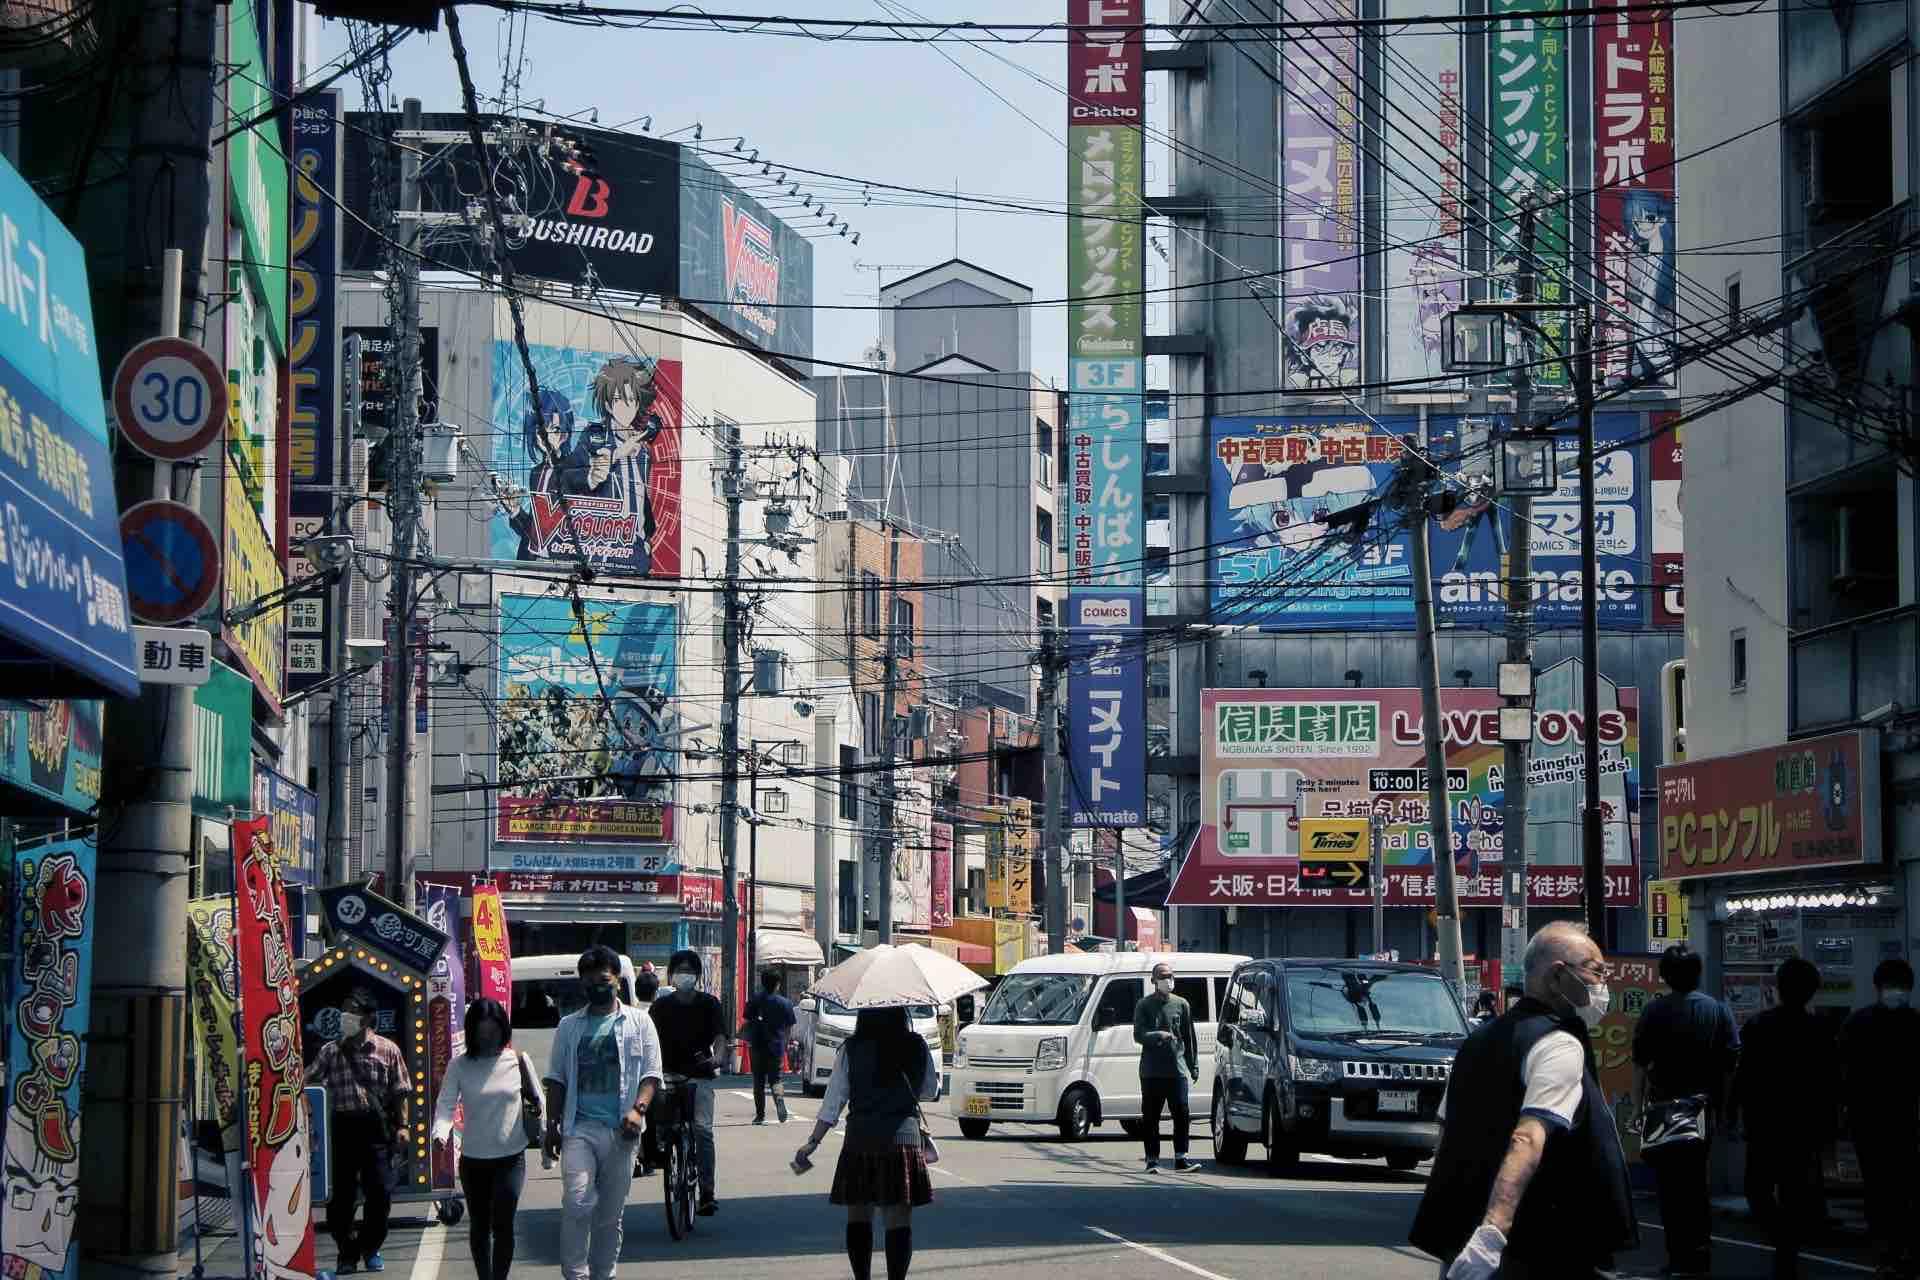 Den Den Town et ses grandes affiches publicitaires pour les produits d'animes et mangas